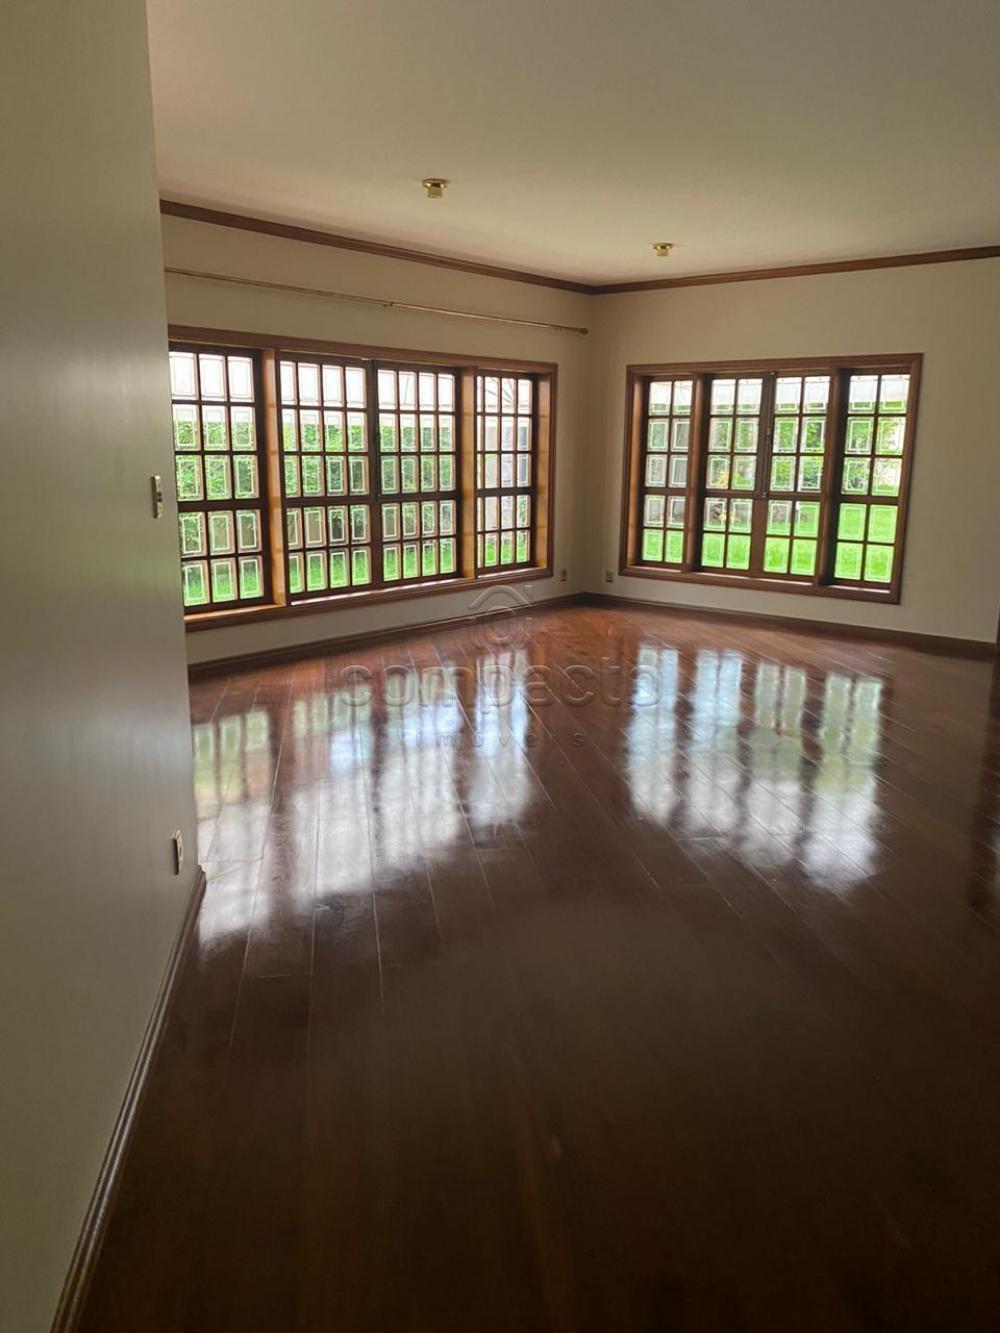 Alugar Casa / Condomínio em São José do Rio Preto apenas R$ 7.500,00 - Foto 5